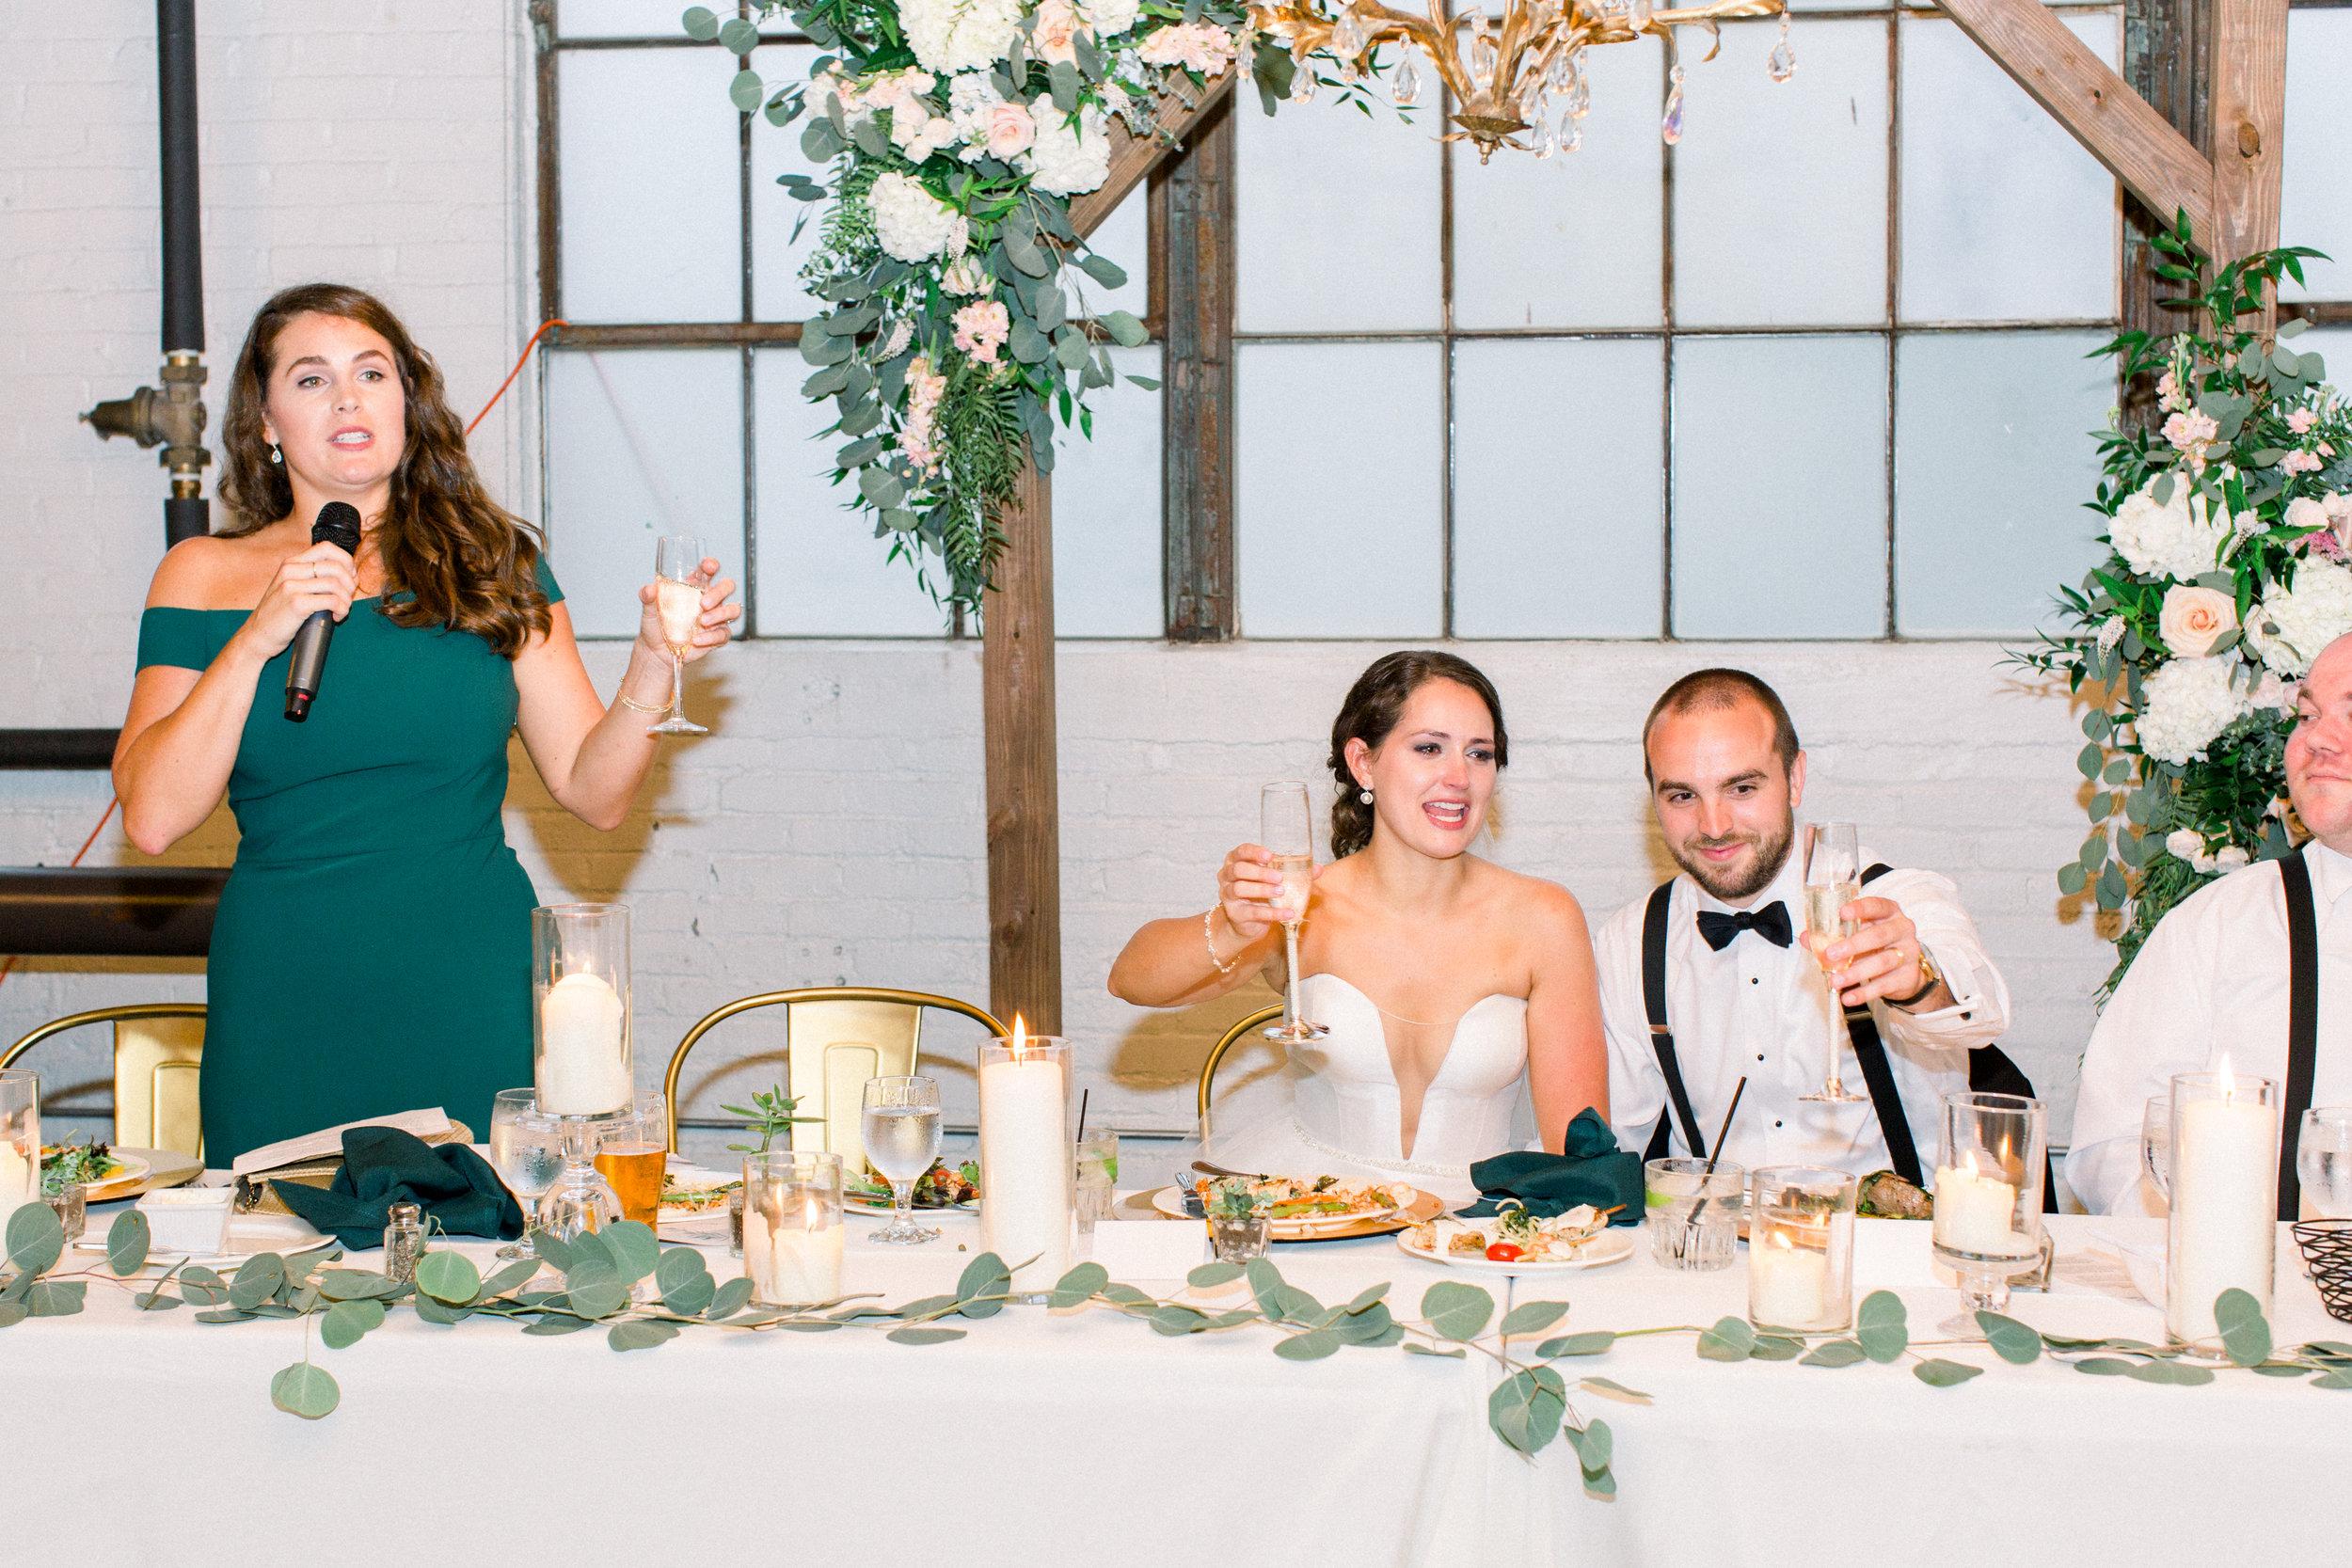 Steiner+Wedding+Reception+SpeechesMOH-21.jpg